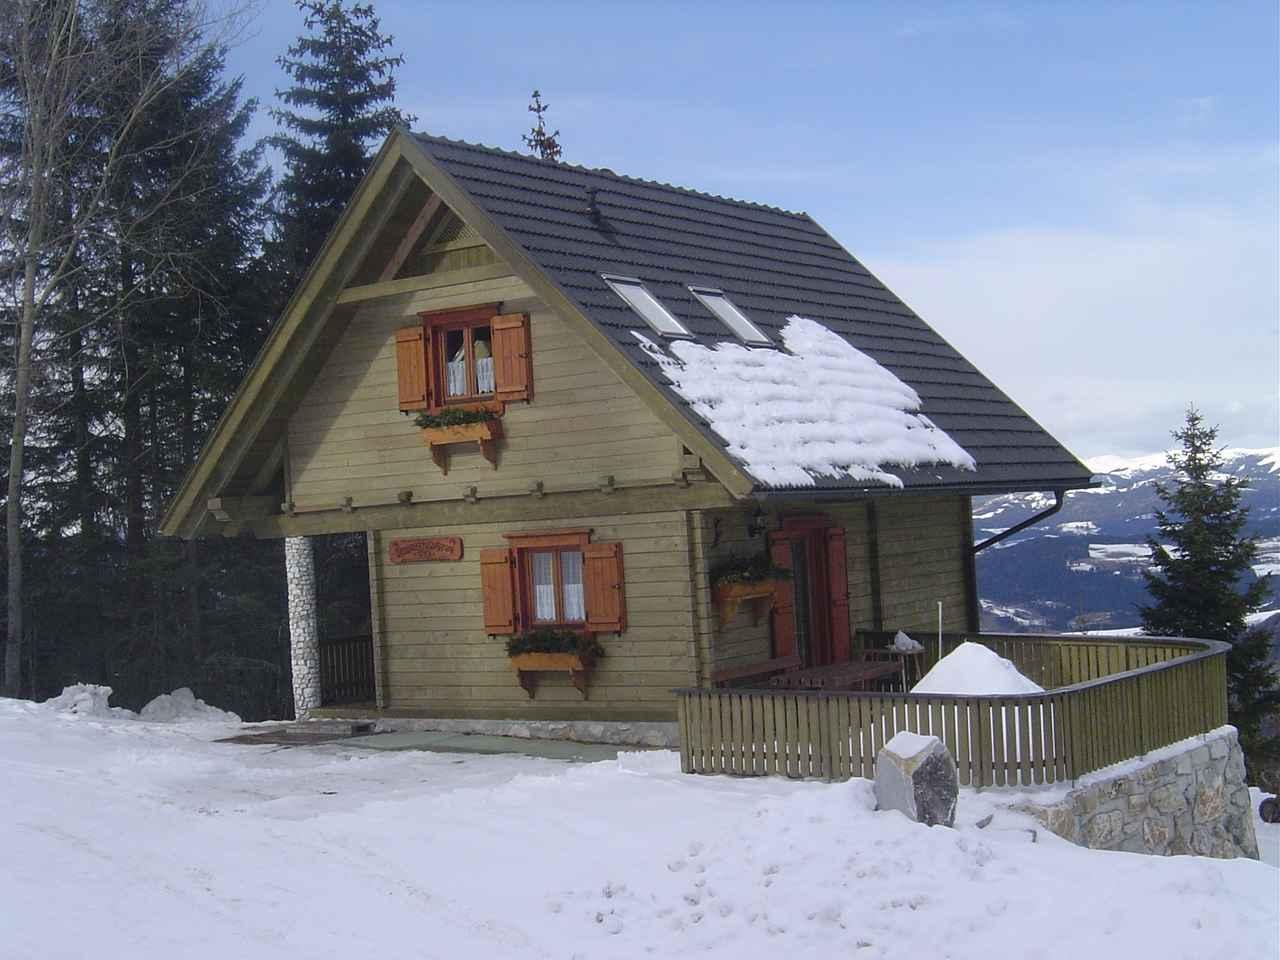 Haus in der Sonne 3 JPG